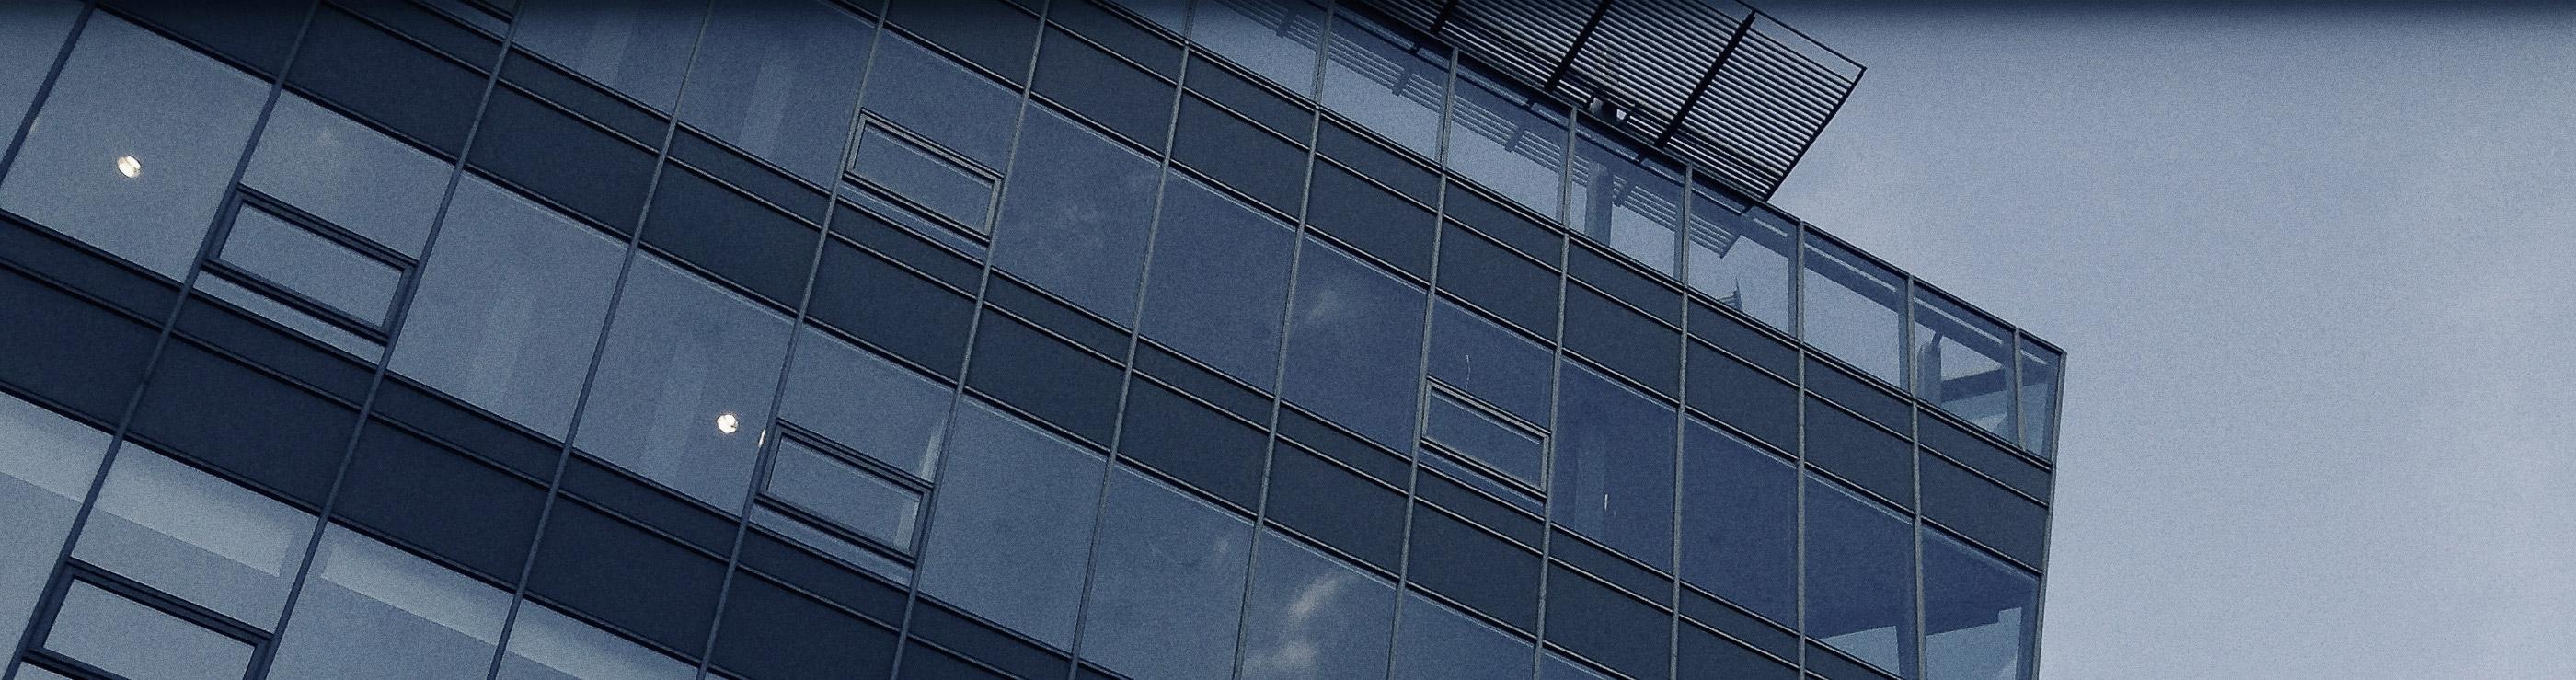 Bestyrelsesarbejde - Mardahl.com - Din personlige juridiske partner!